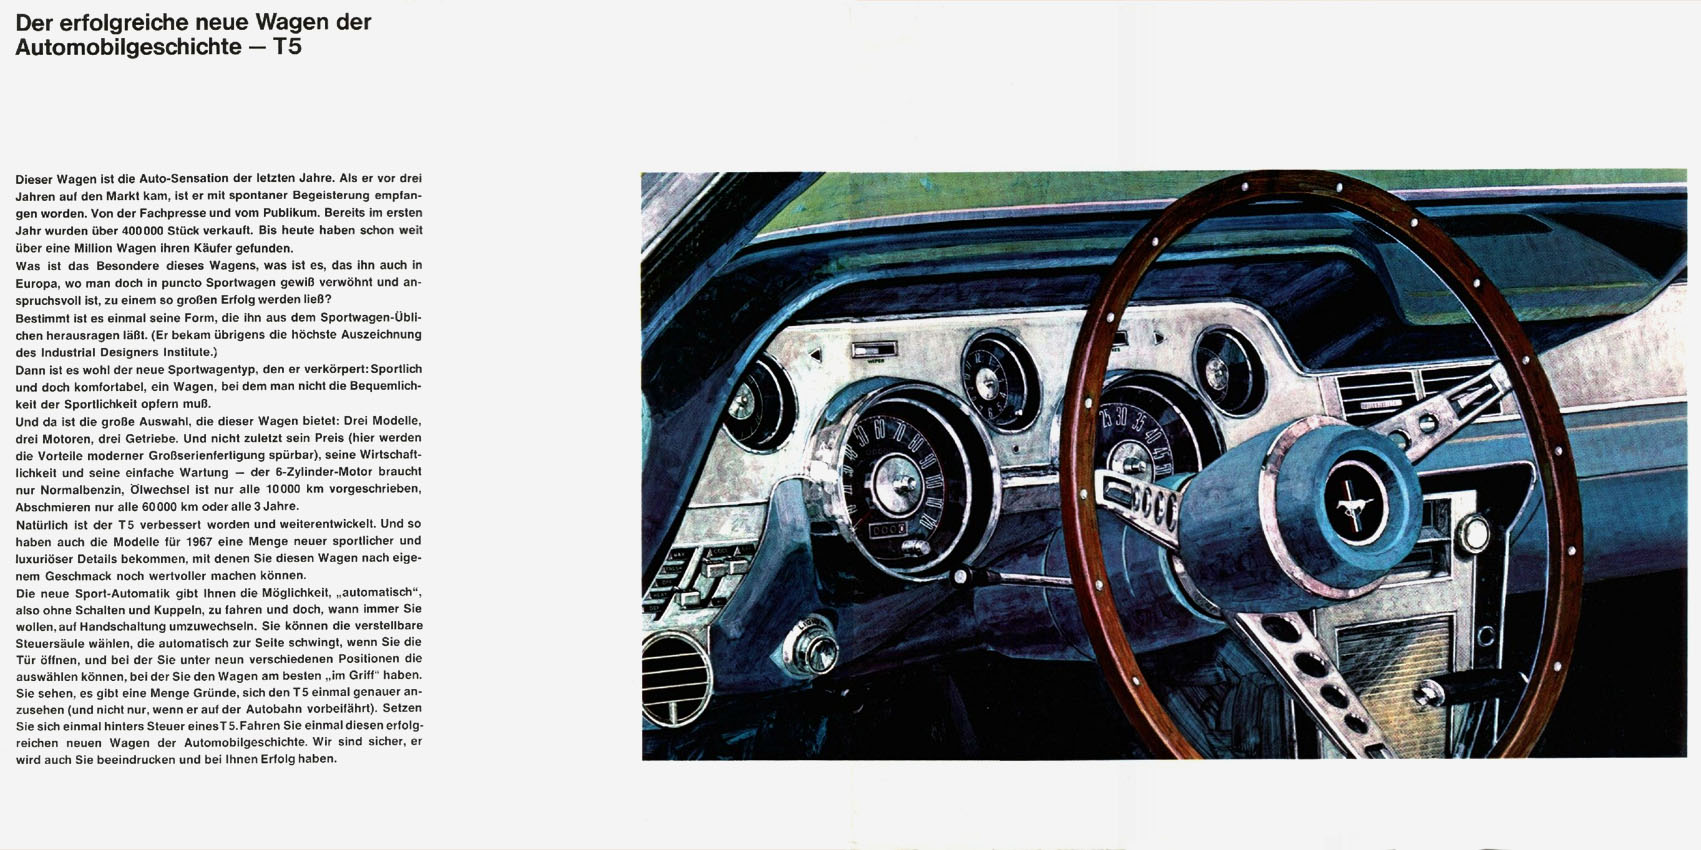 1967 Ford Mustang T5 Prospekt Deutsch - Seite 2-3